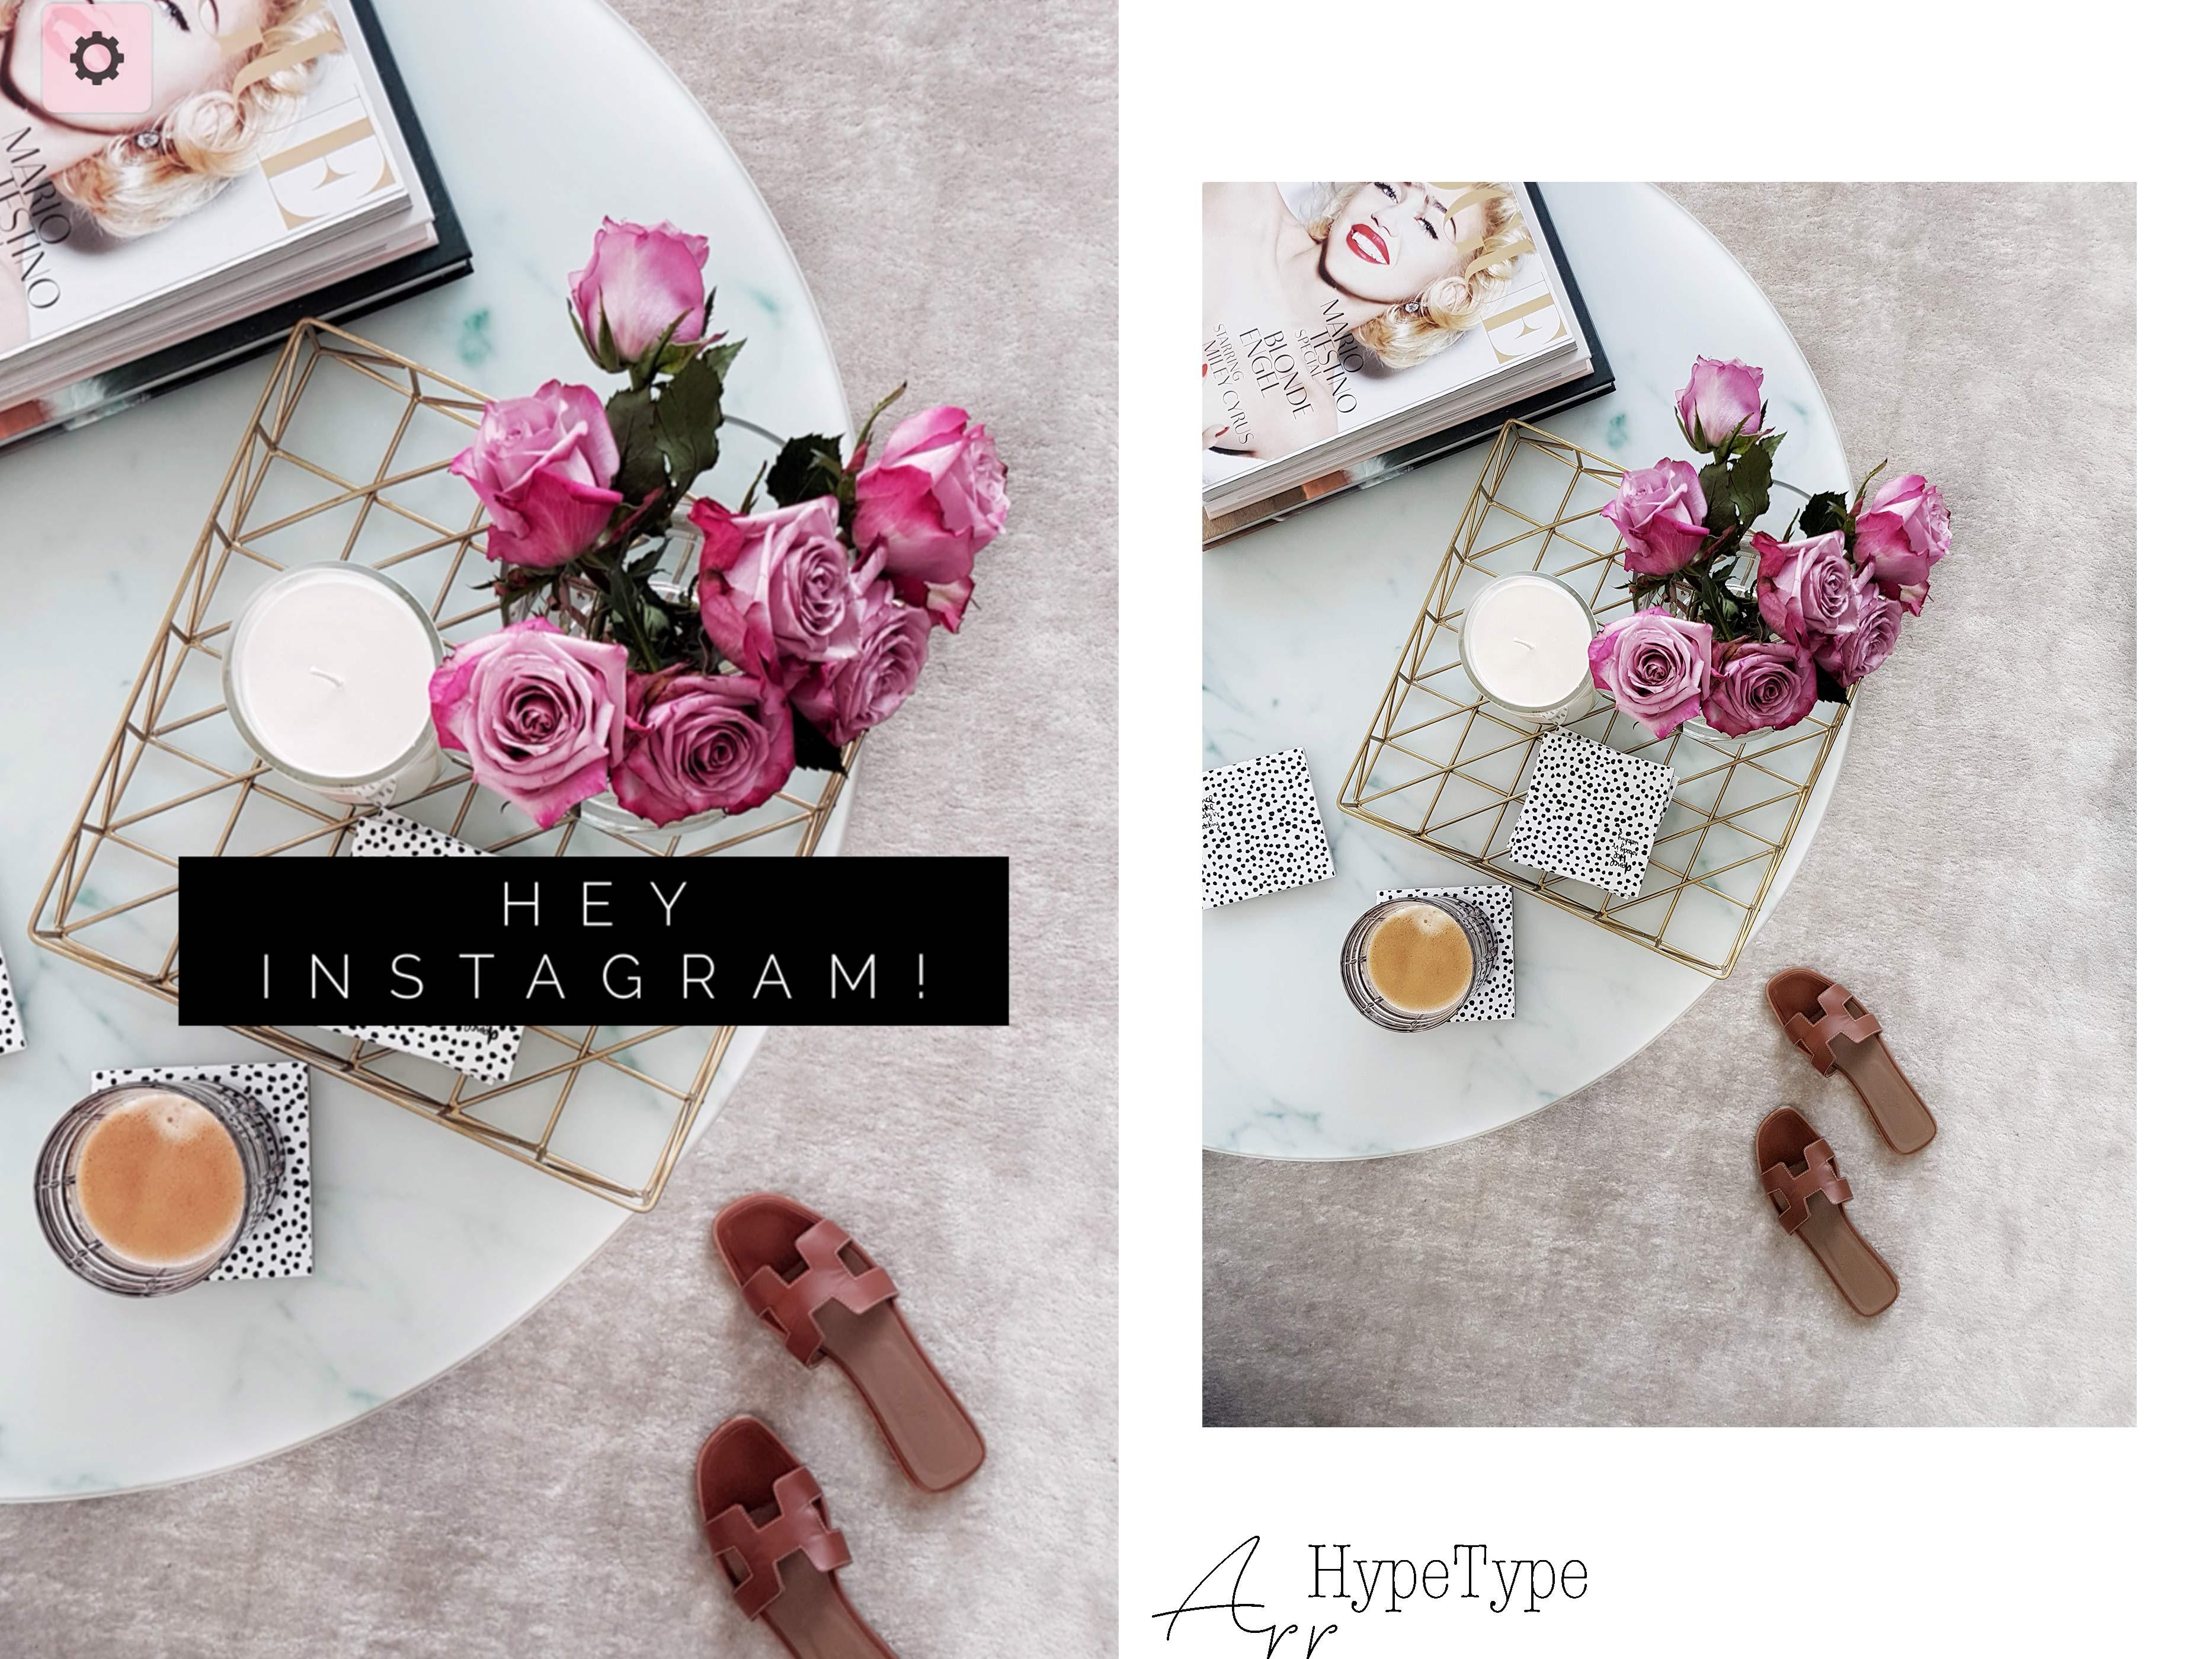 Instagram stories hacks tipps und tricks für Bild und Videoeffekte